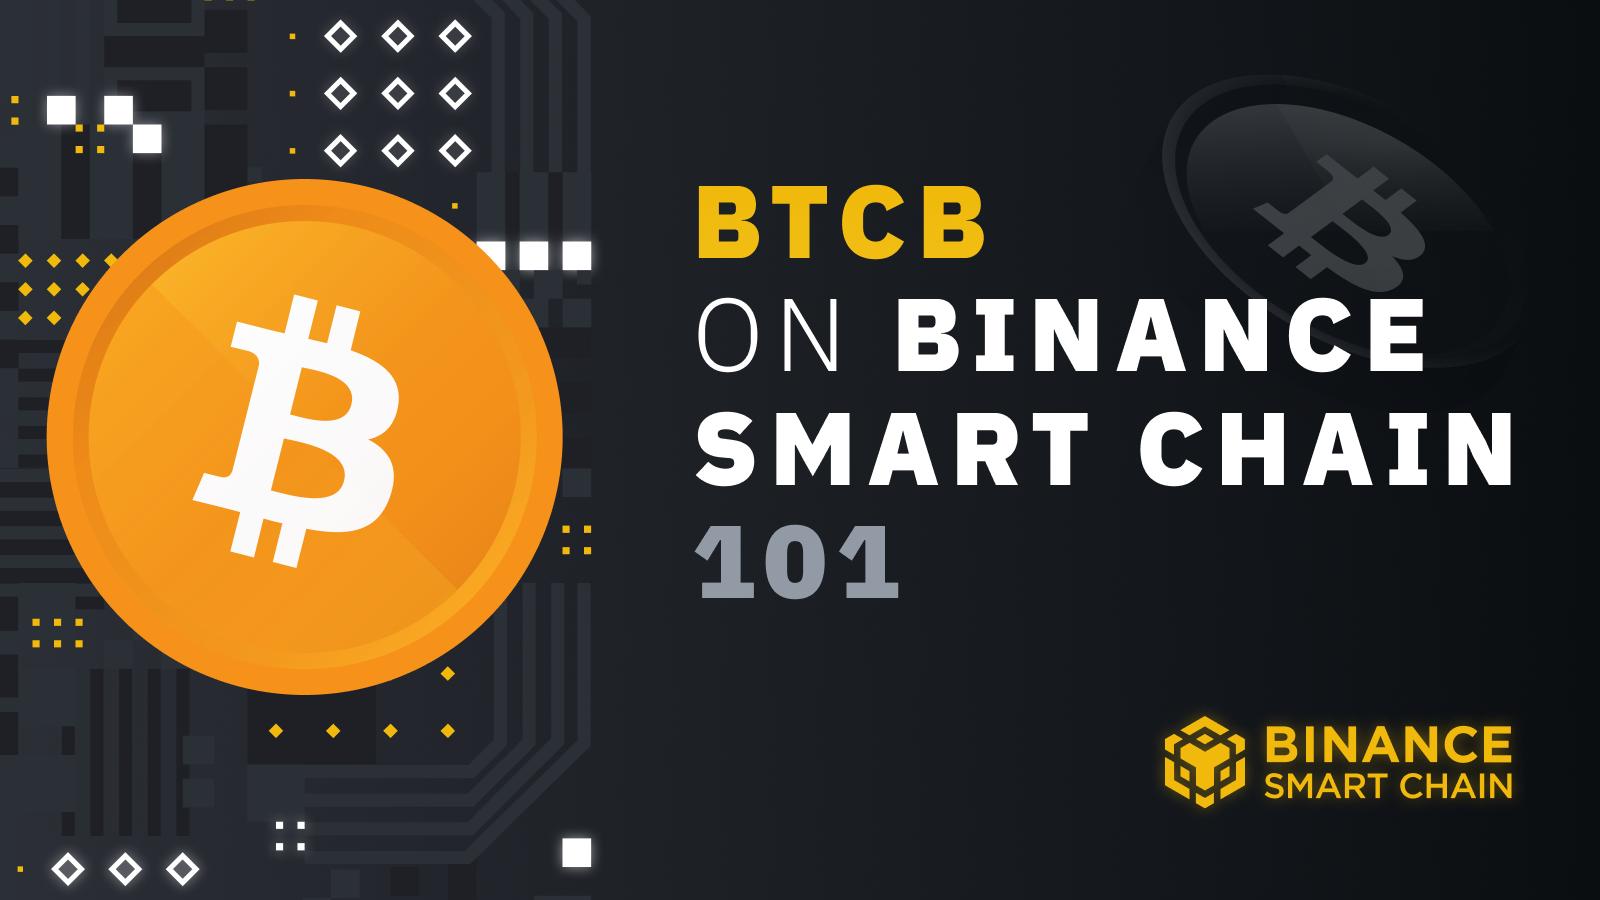 幣安智能鏈上的BTCB 101